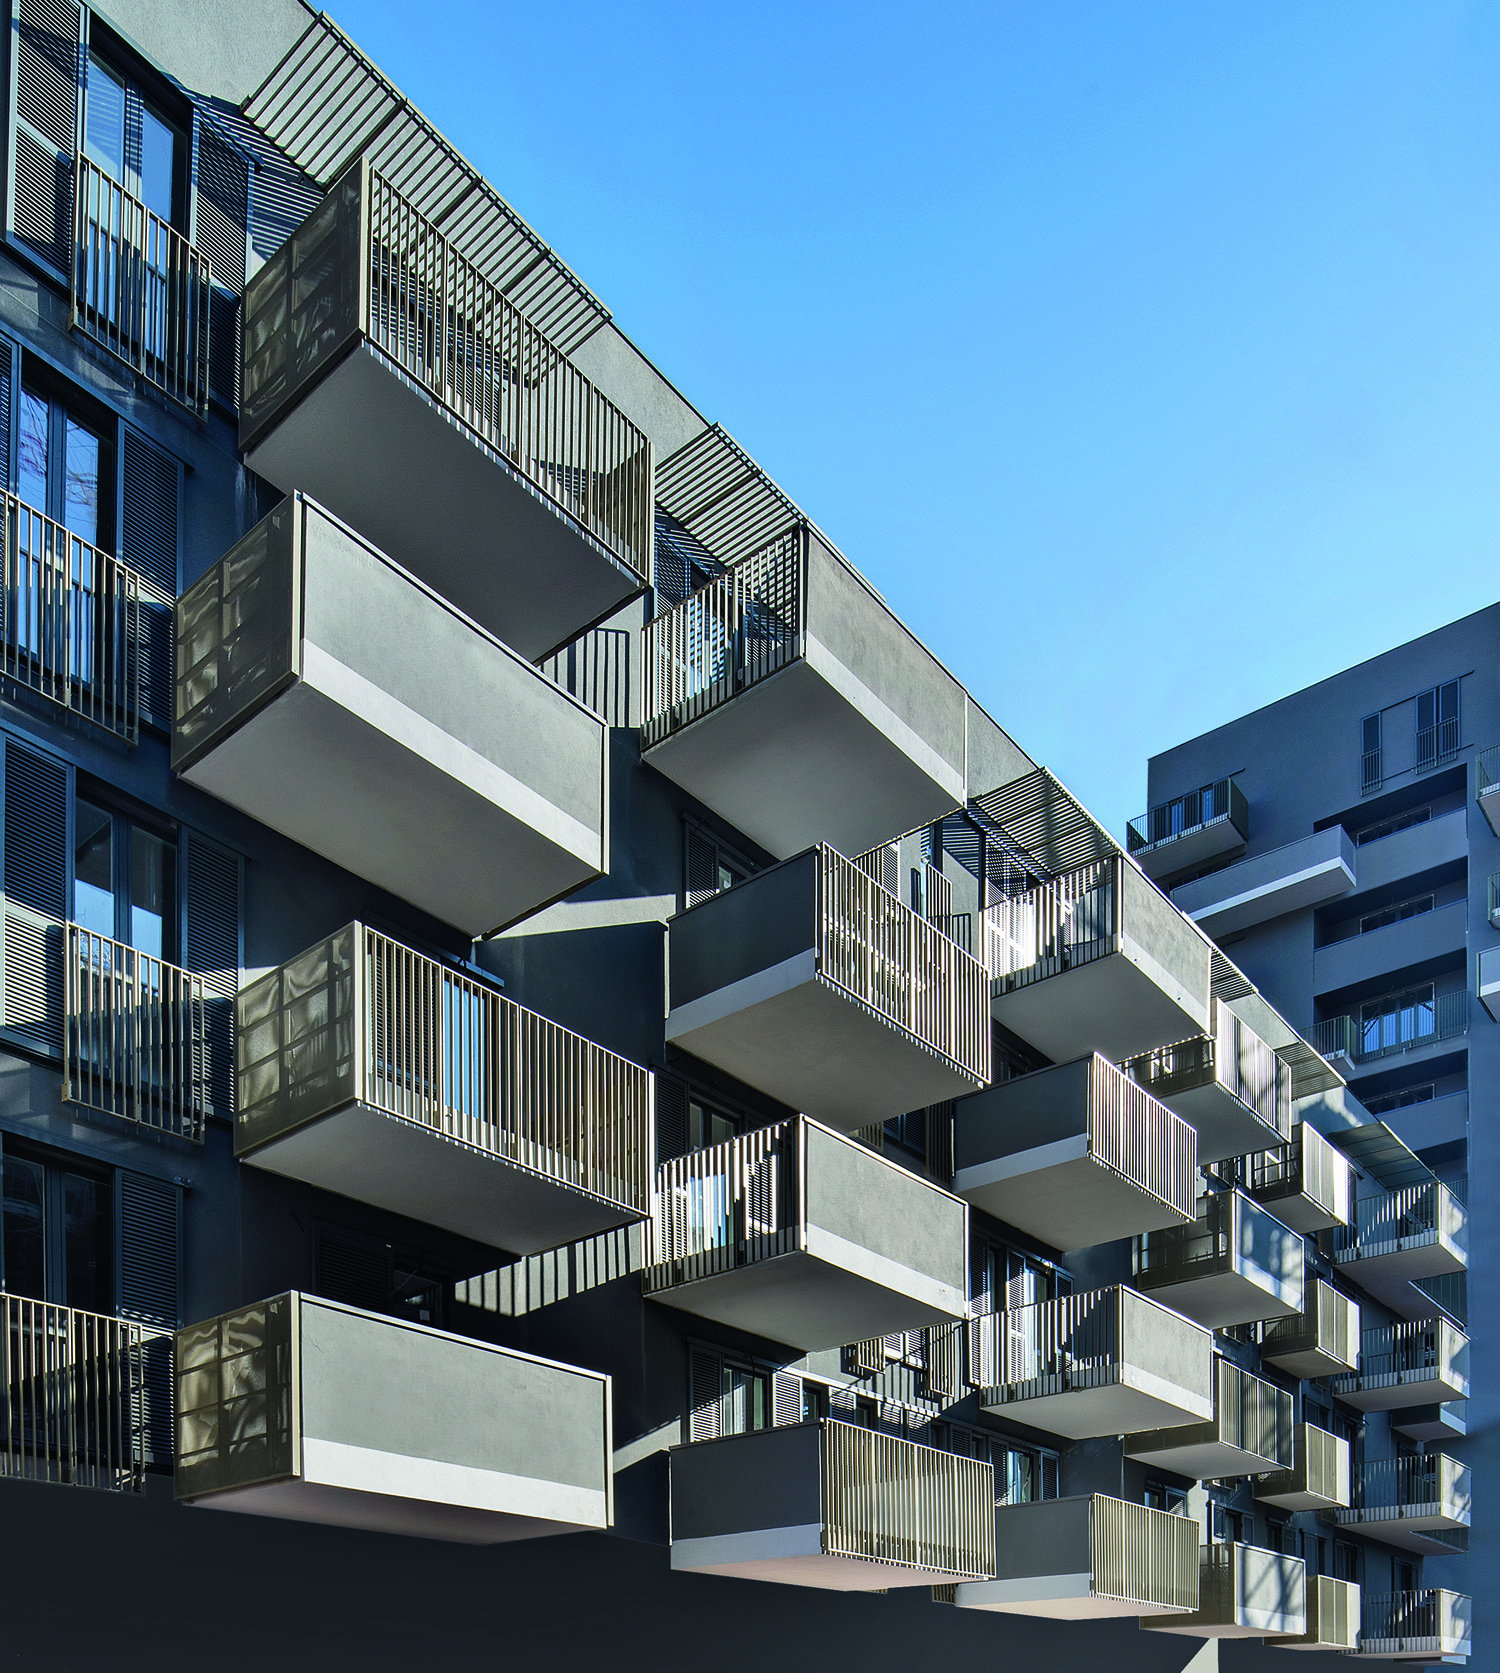 © Carola Merello Housing sociale Ex-Boero, Genova, 2020